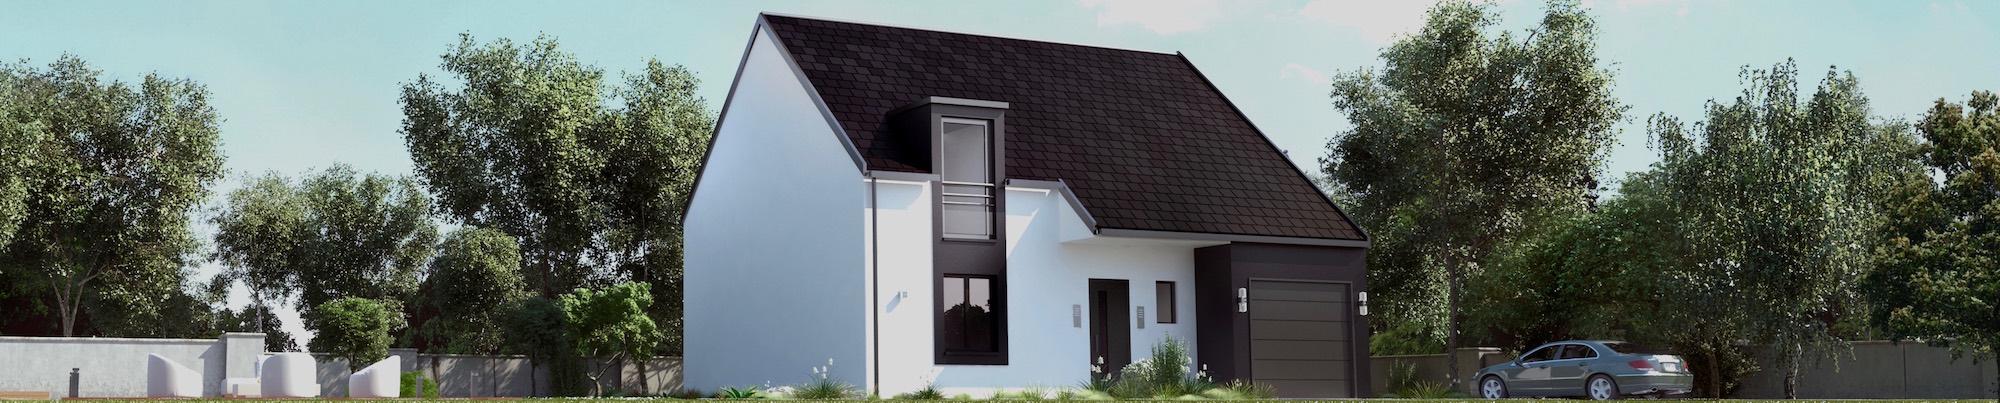 Maison neuve angers fabulous dco model devis maison neuve for Prix maison neuf